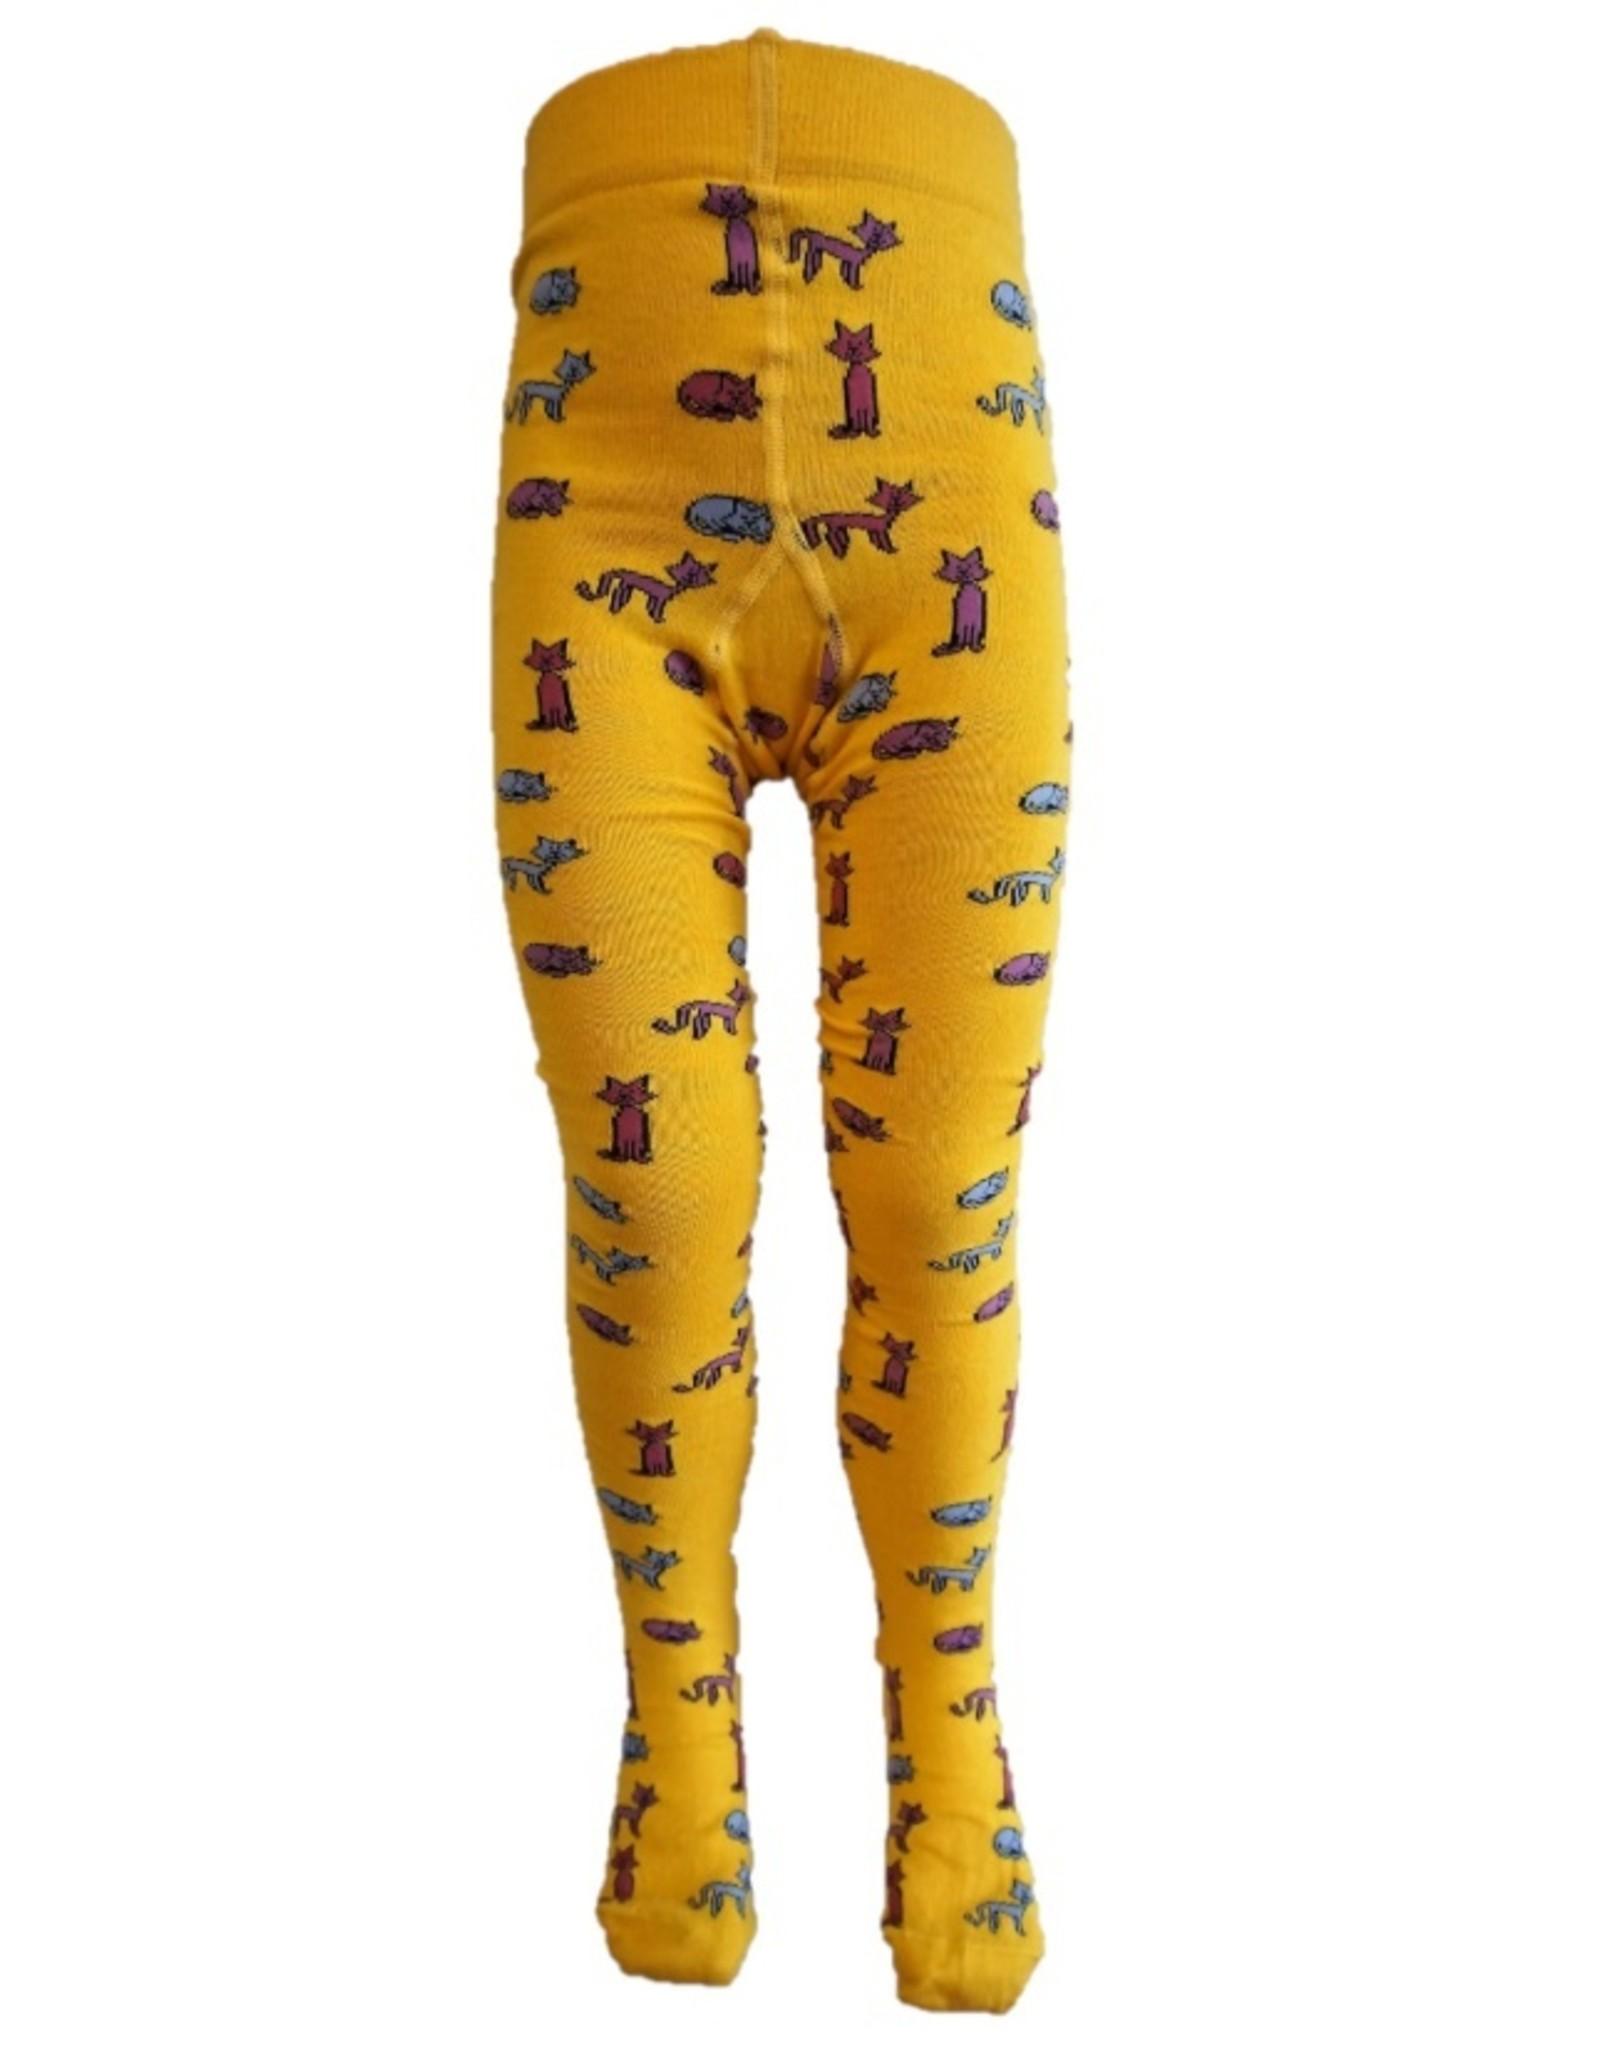 Slugs & Snails Children's maillots - Cats